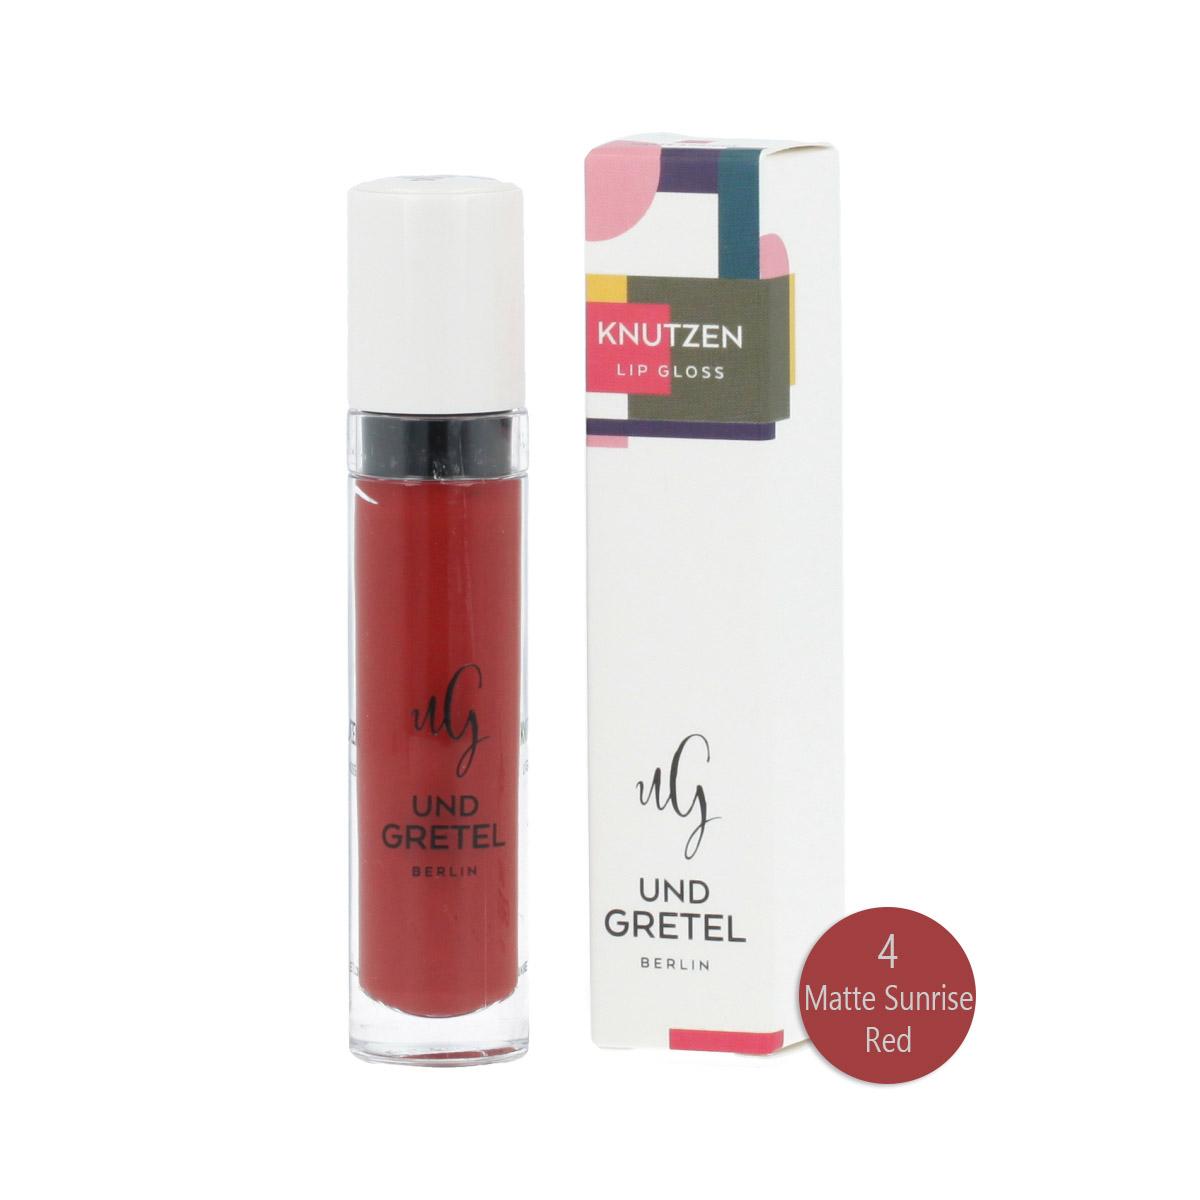 Und Gretel KNUTZEN Matte Lip Gloss (4 Matte Sunrise Red) 6 ml 12864